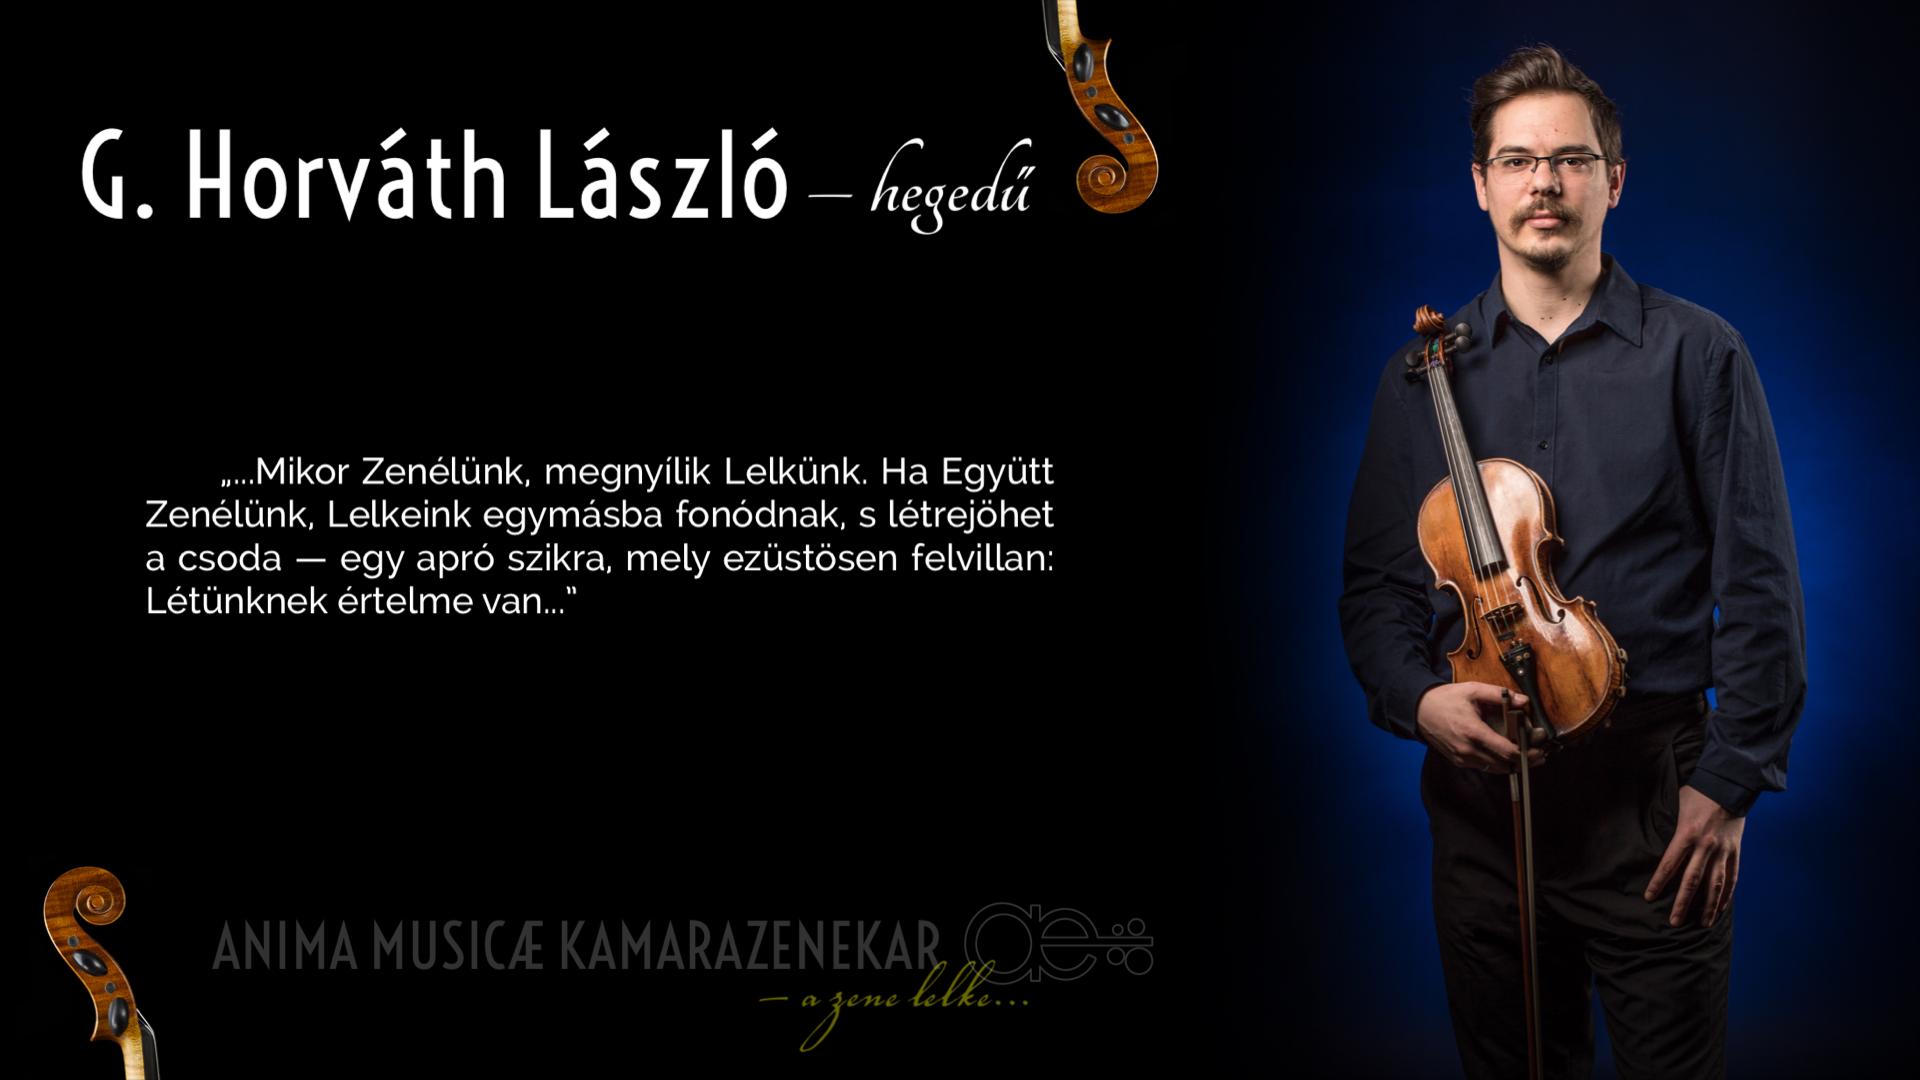 G. Horváth László